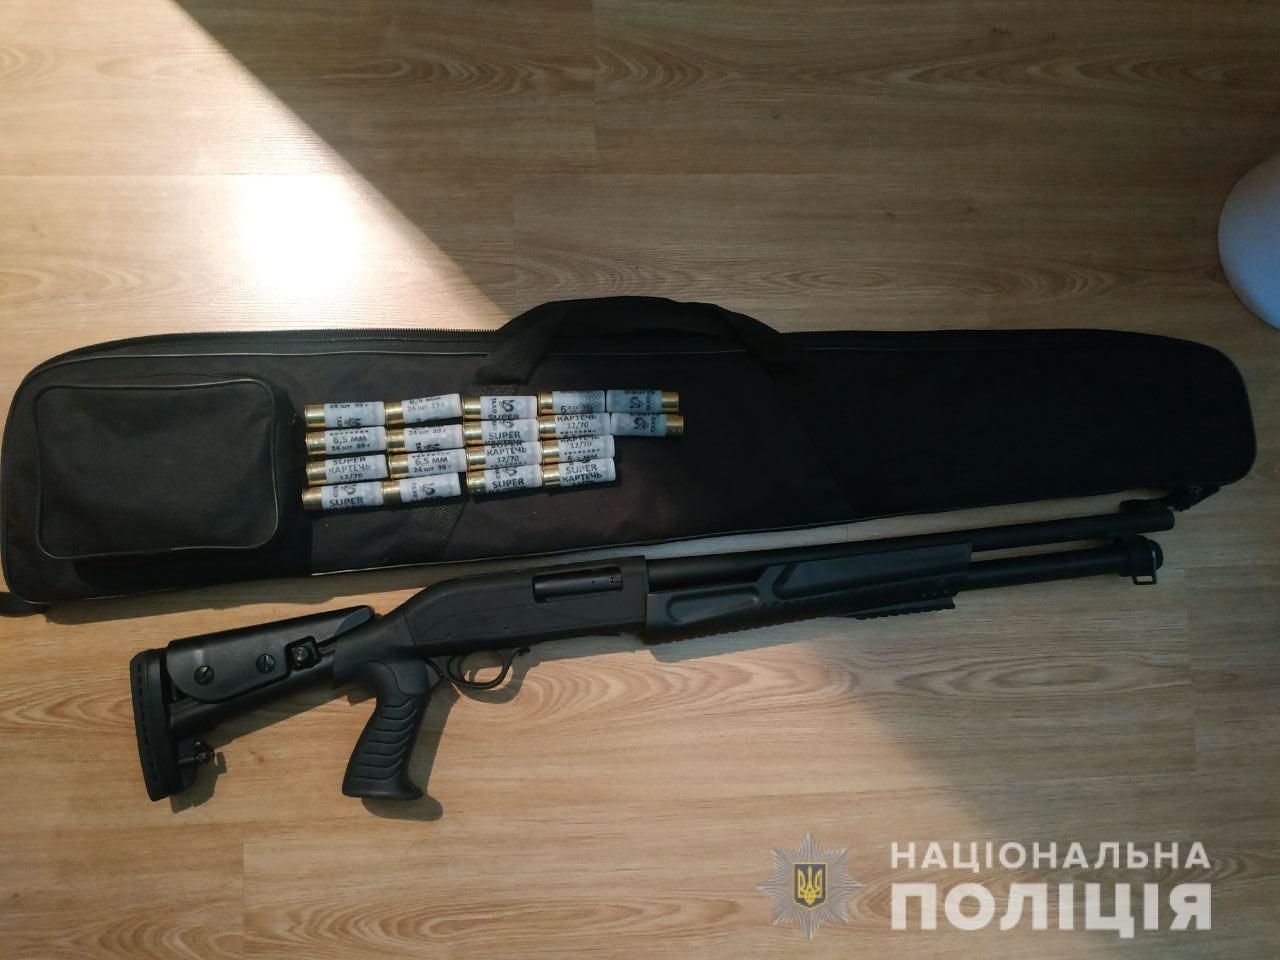 В Днепропетровской области члены бандитской группировки запугивали местных фермеров, - ФОТО, ВИДЕО, фото-1